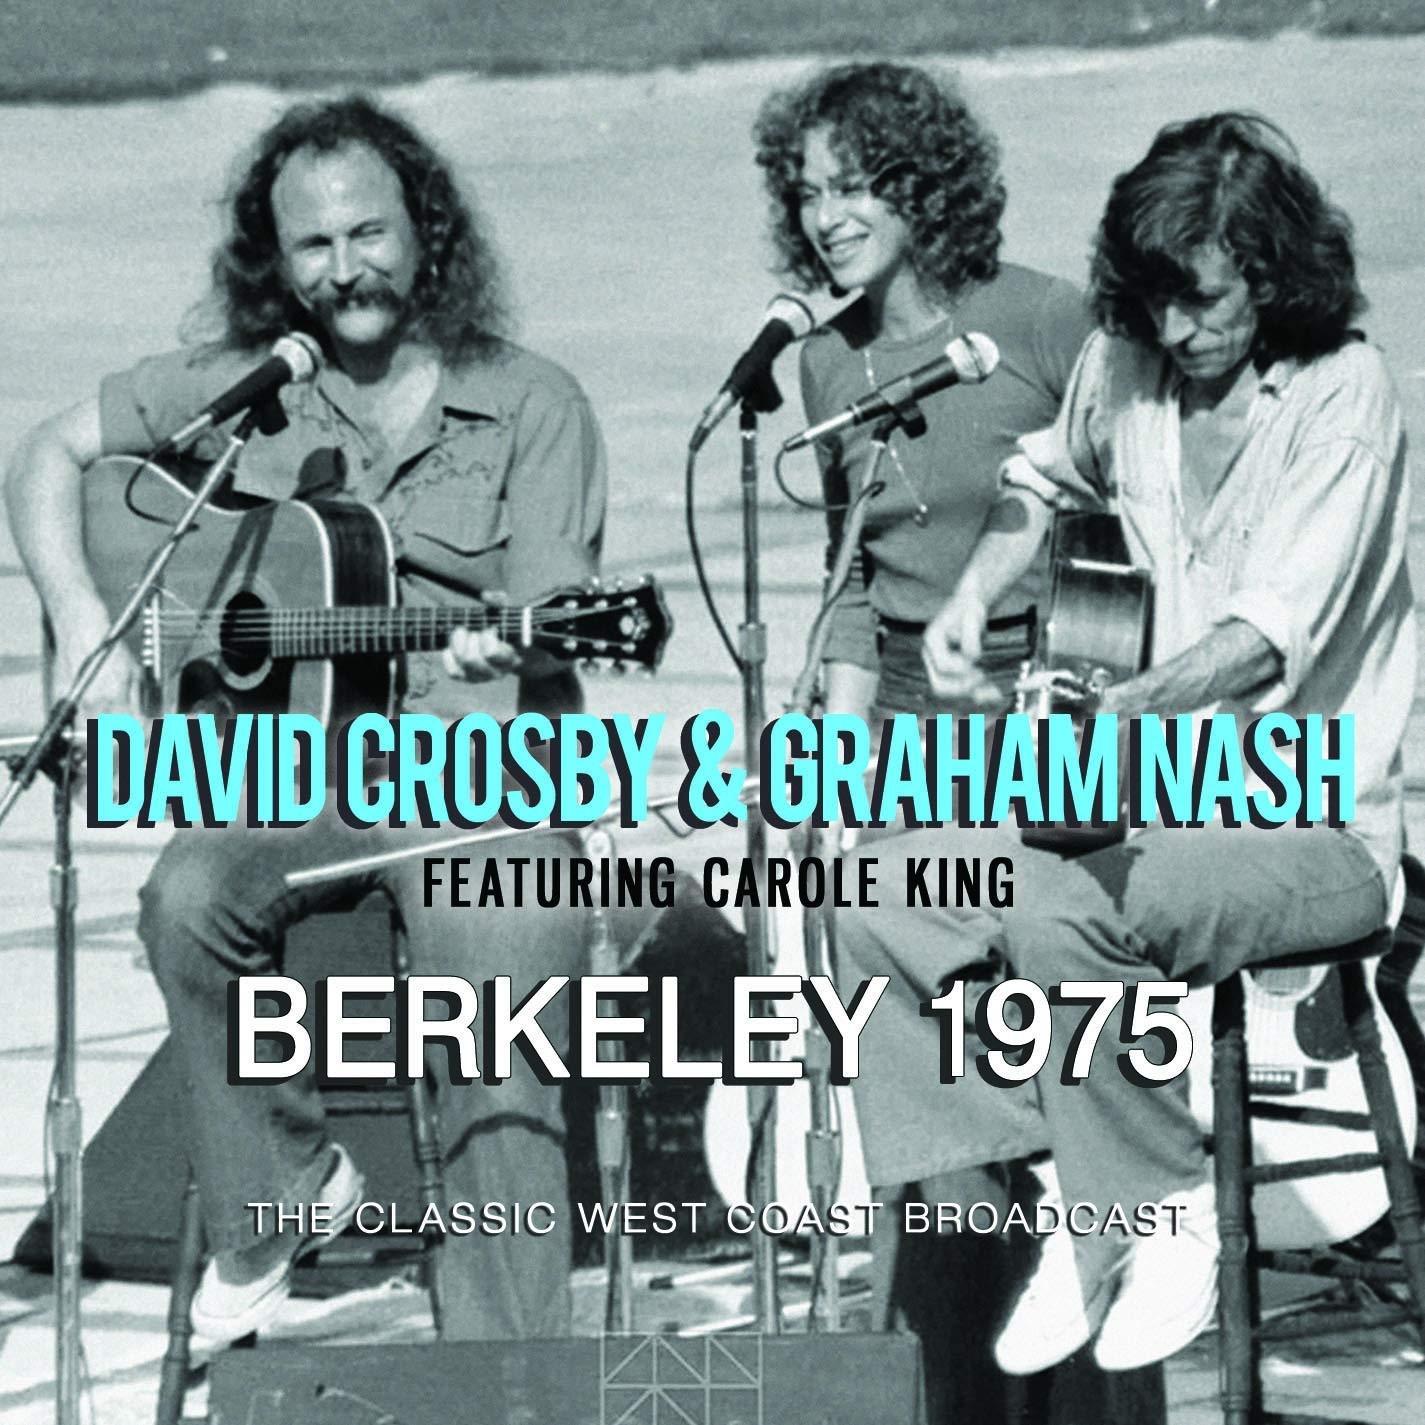 Berkley 1975